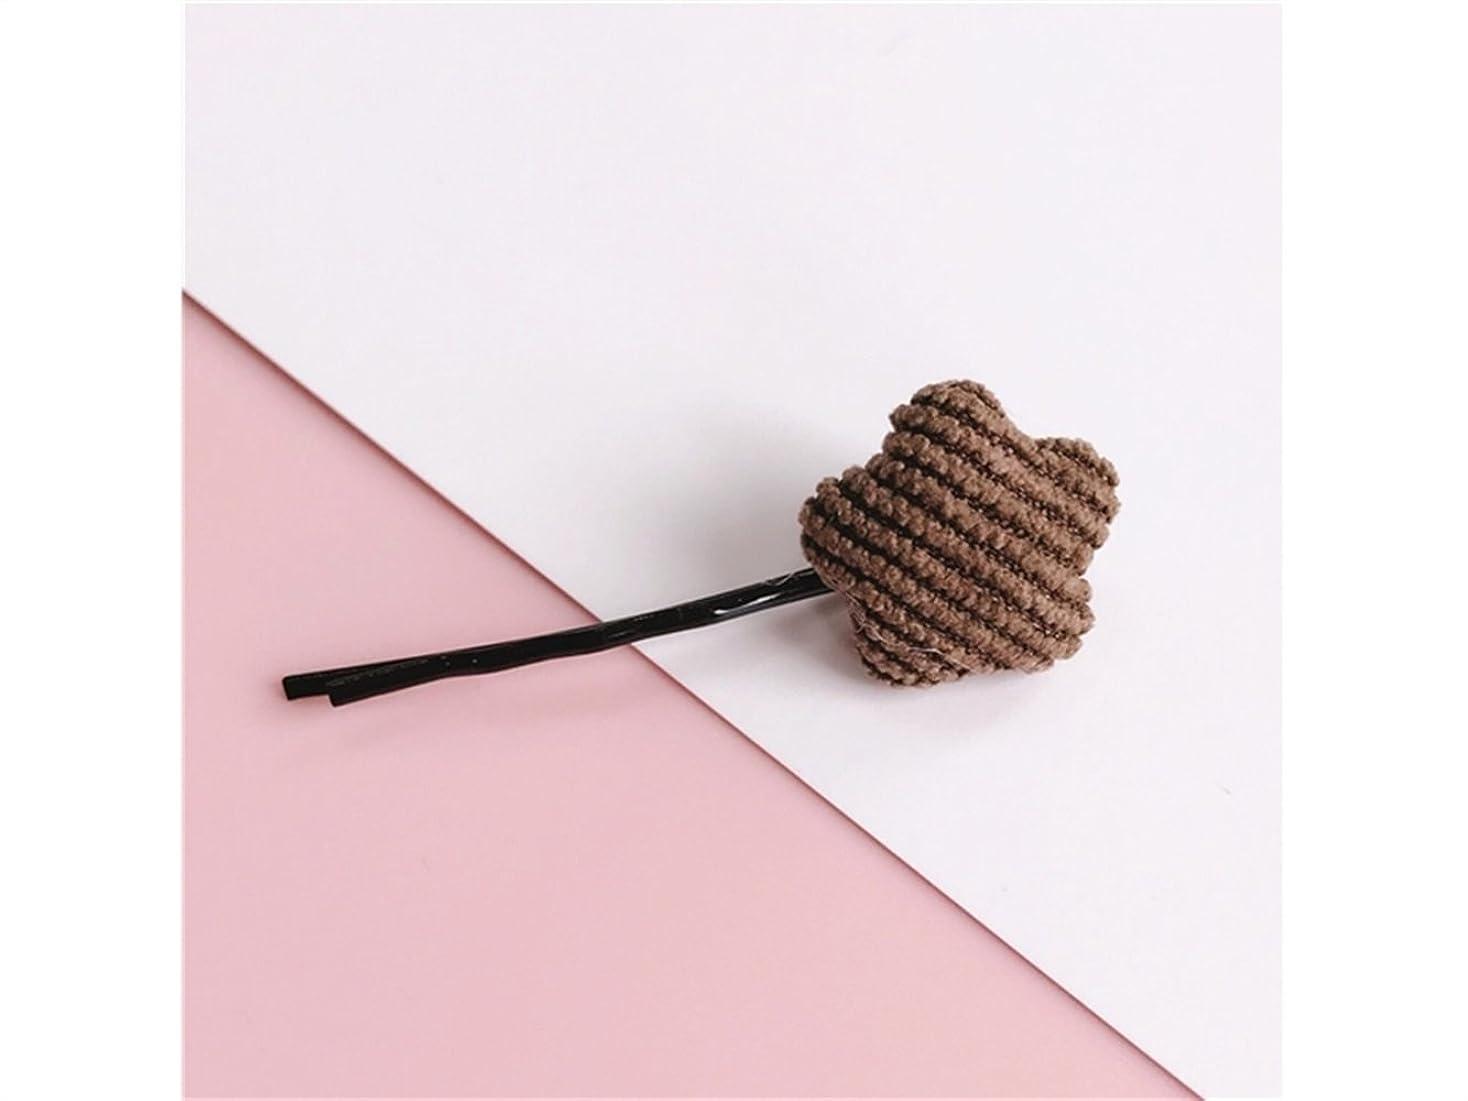 温度バイナリ線Osize 美しいスタイル ペンタグラムフラワーラブシェイプストライプヘアクリップワンワードクリップヘアアクセサリー(コーヒーペンタグラム)